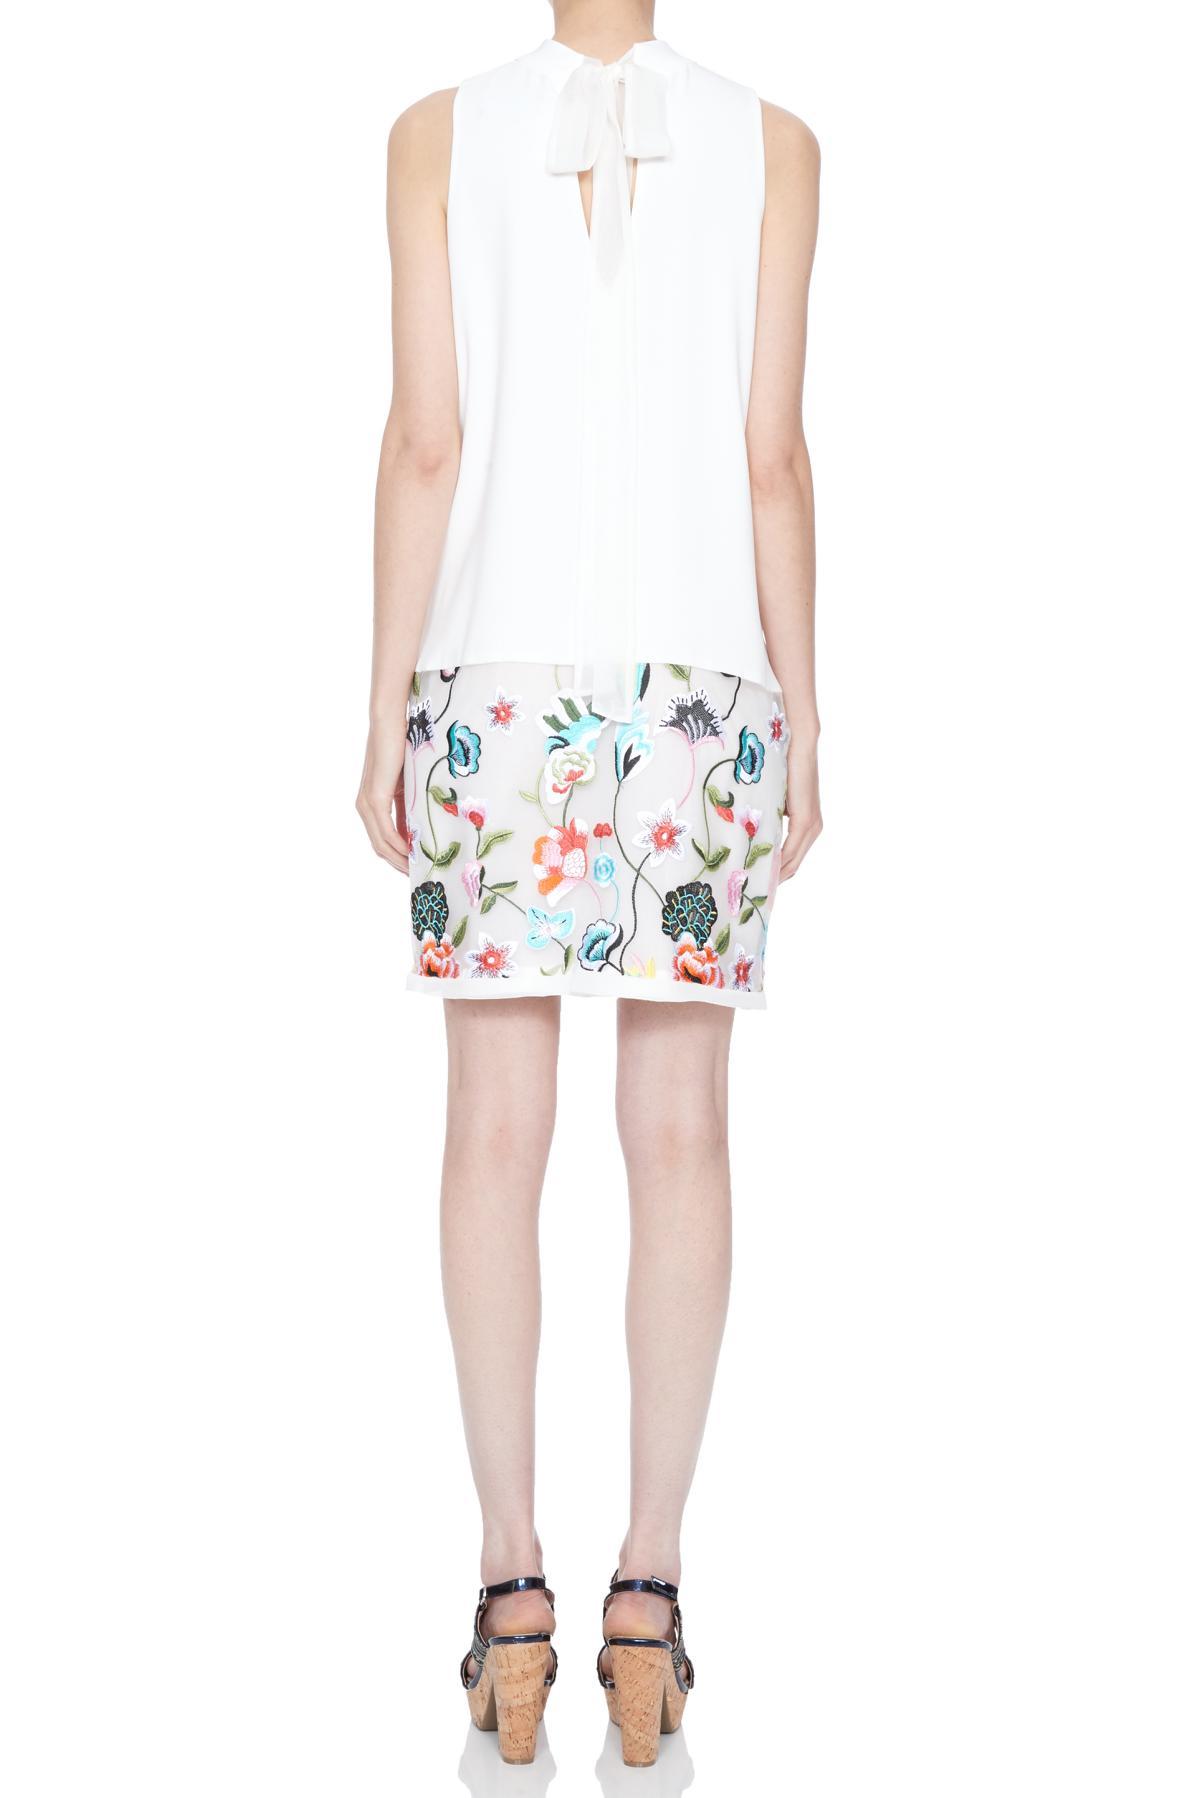 Rückansicht von Ana Alcazar Besticktes Kleid Nusaya  angezogen an Model